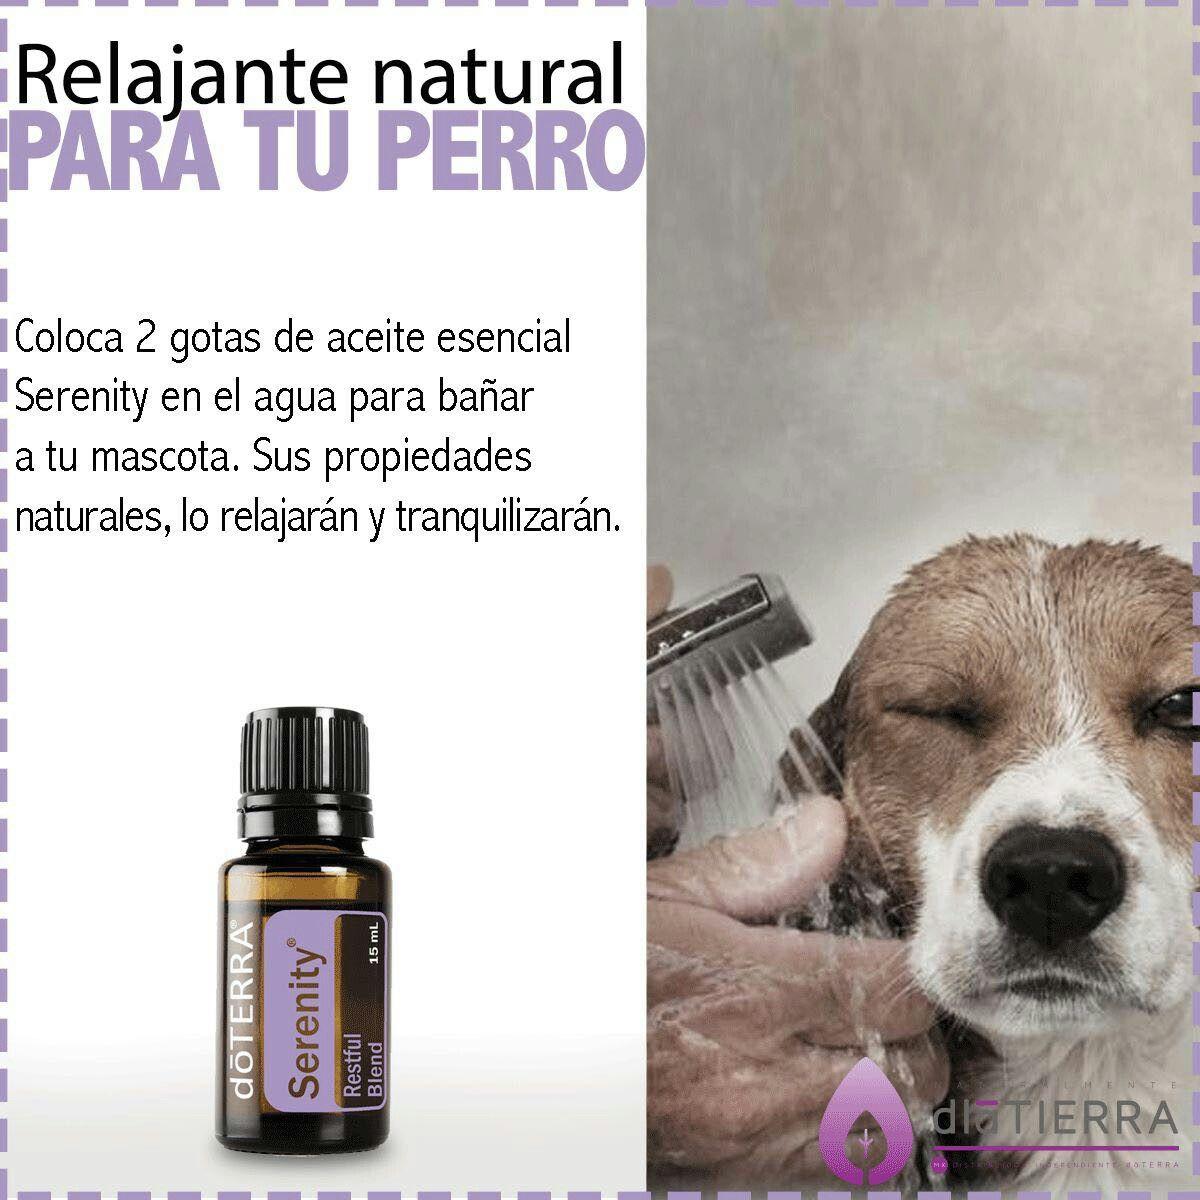 Relajante Para Tu Perro Aceites Esenciales Perros Recetas De Aceites Esenciales Aceites Esenciales Doterra